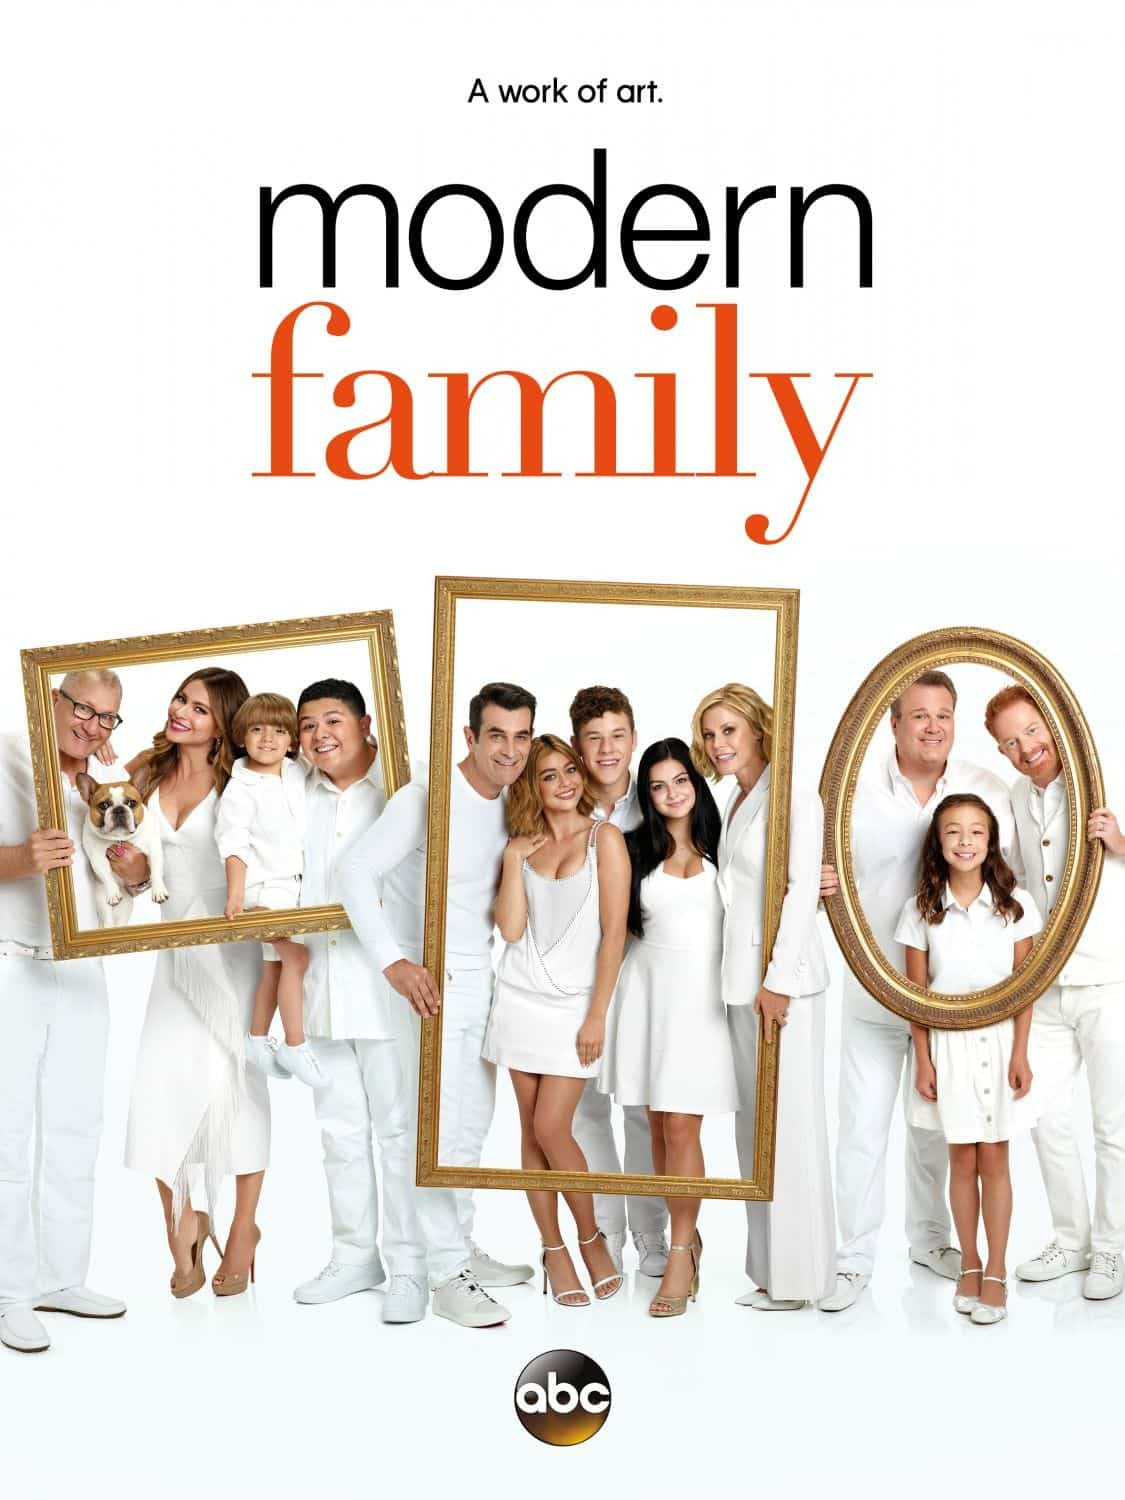 MODERN FAMILY Season 8 Poster